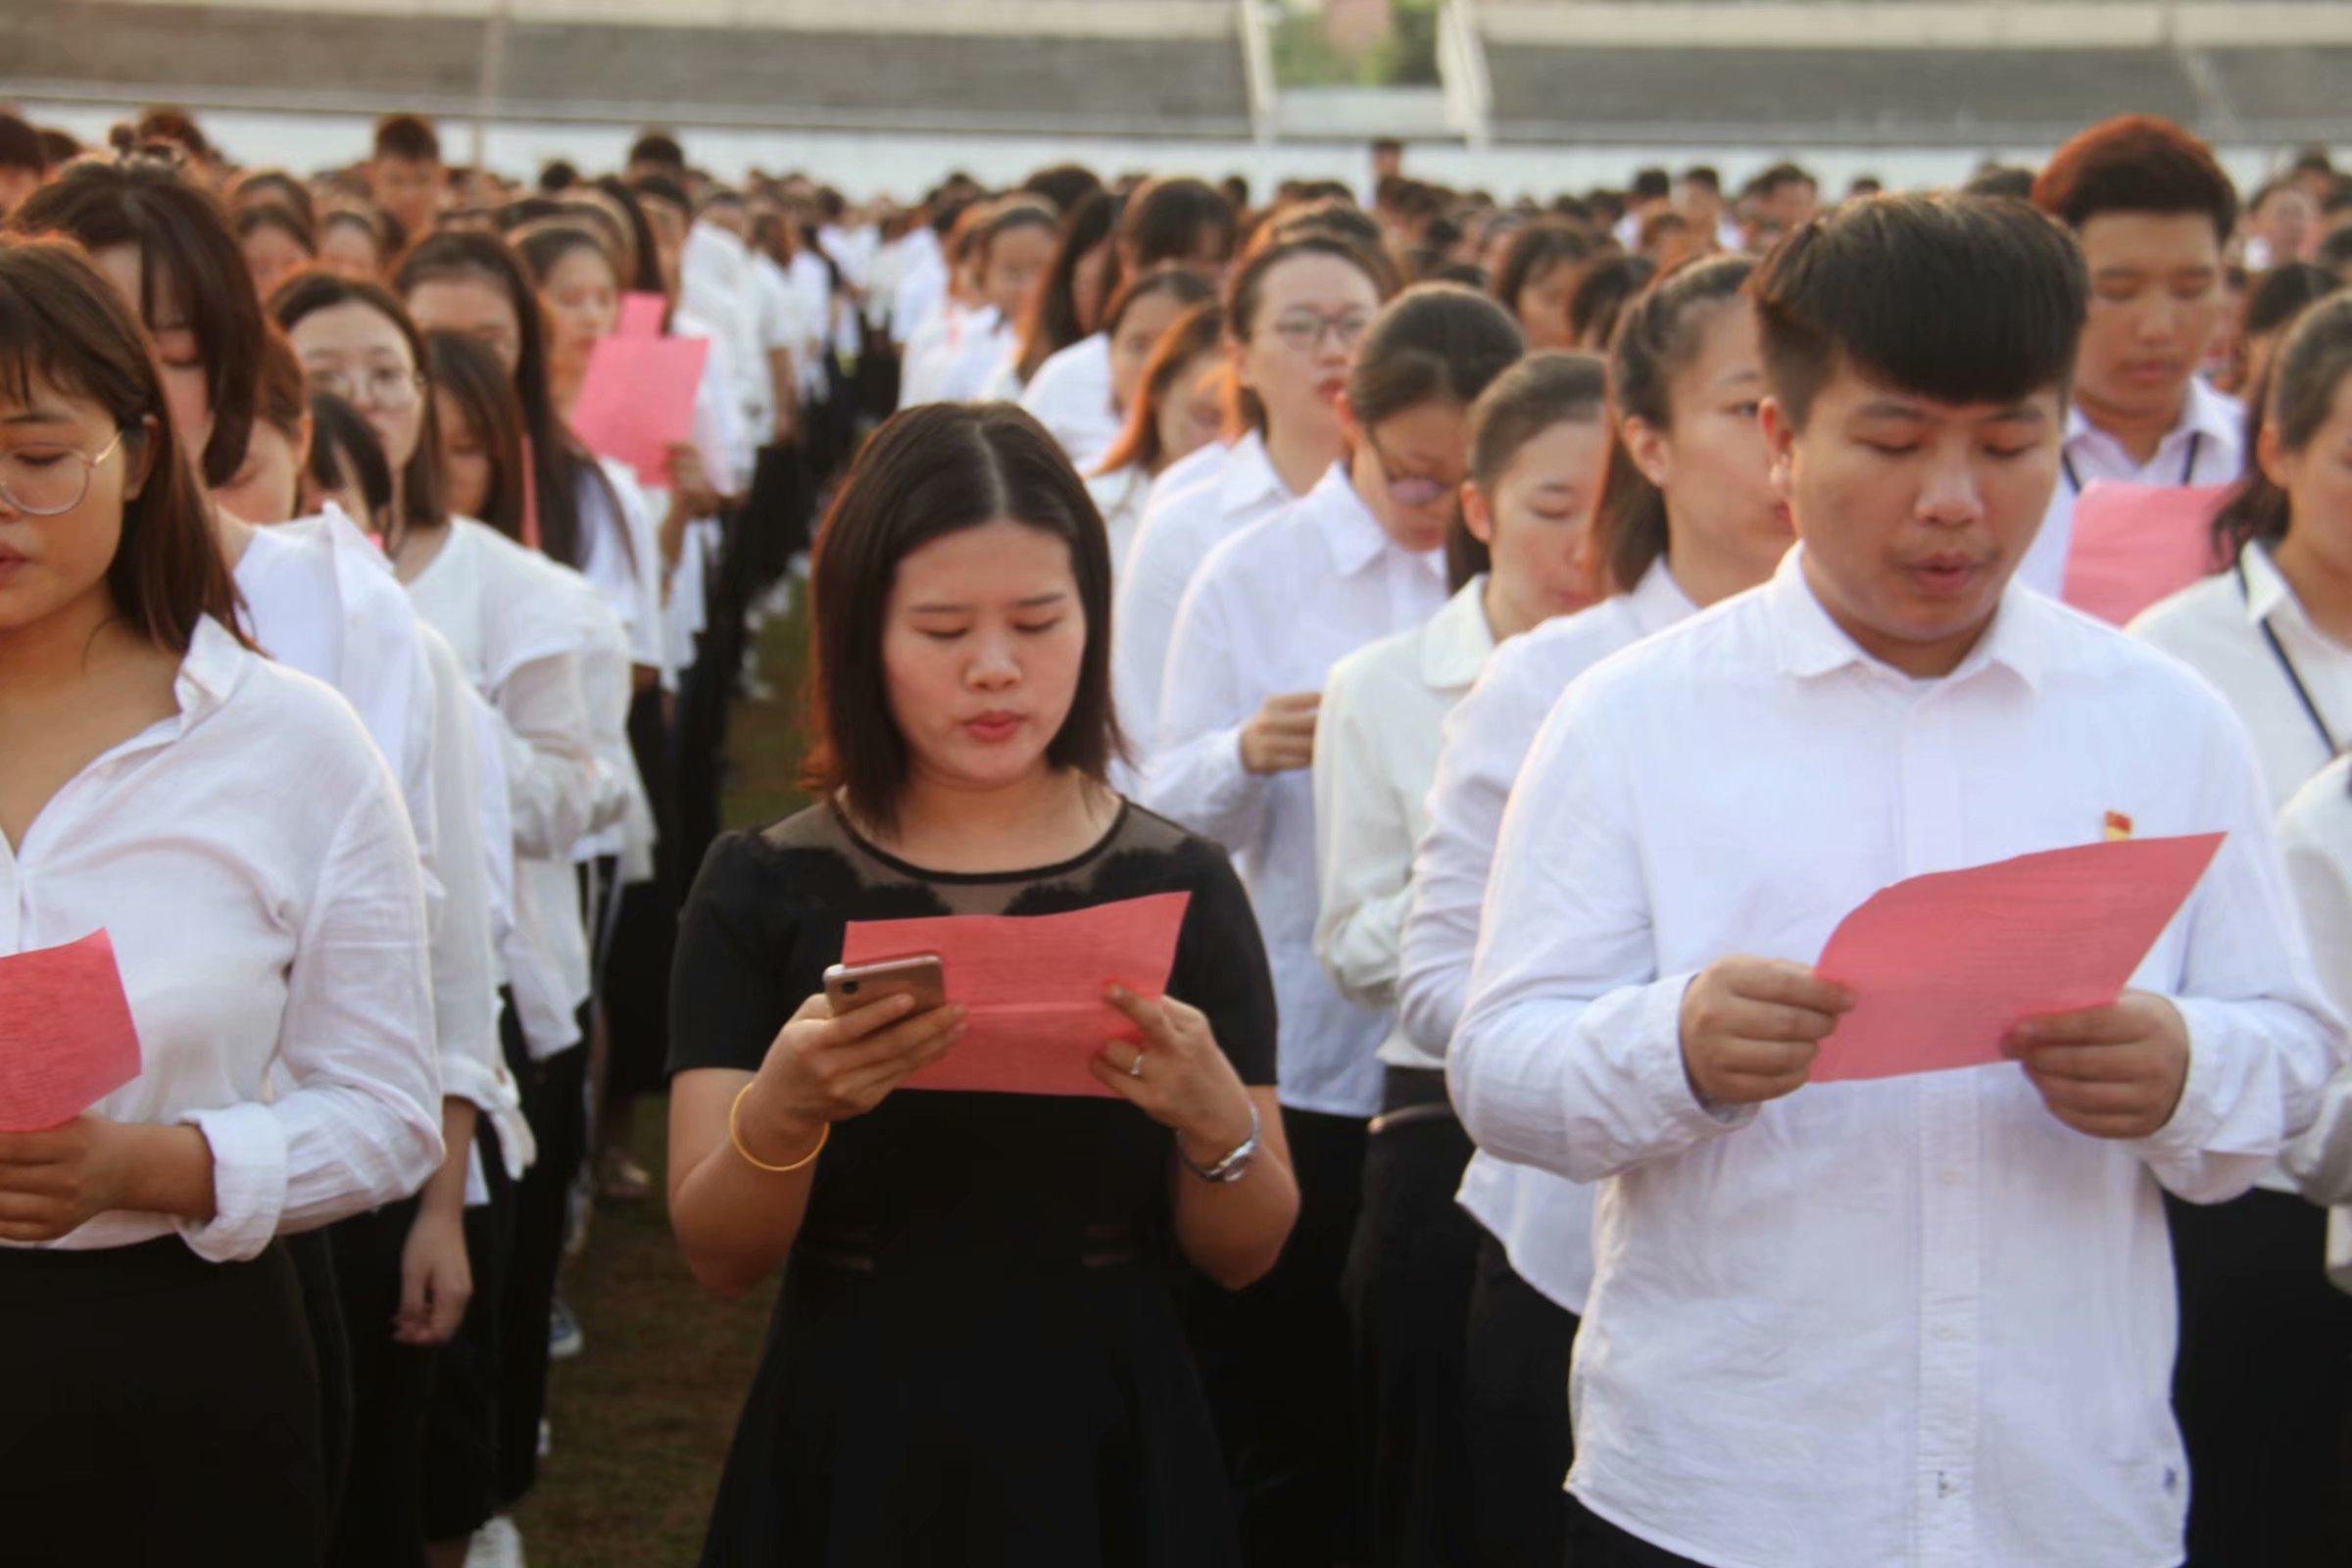 青年之声·马克思主义学院国庆升国旗仪式顺利举行